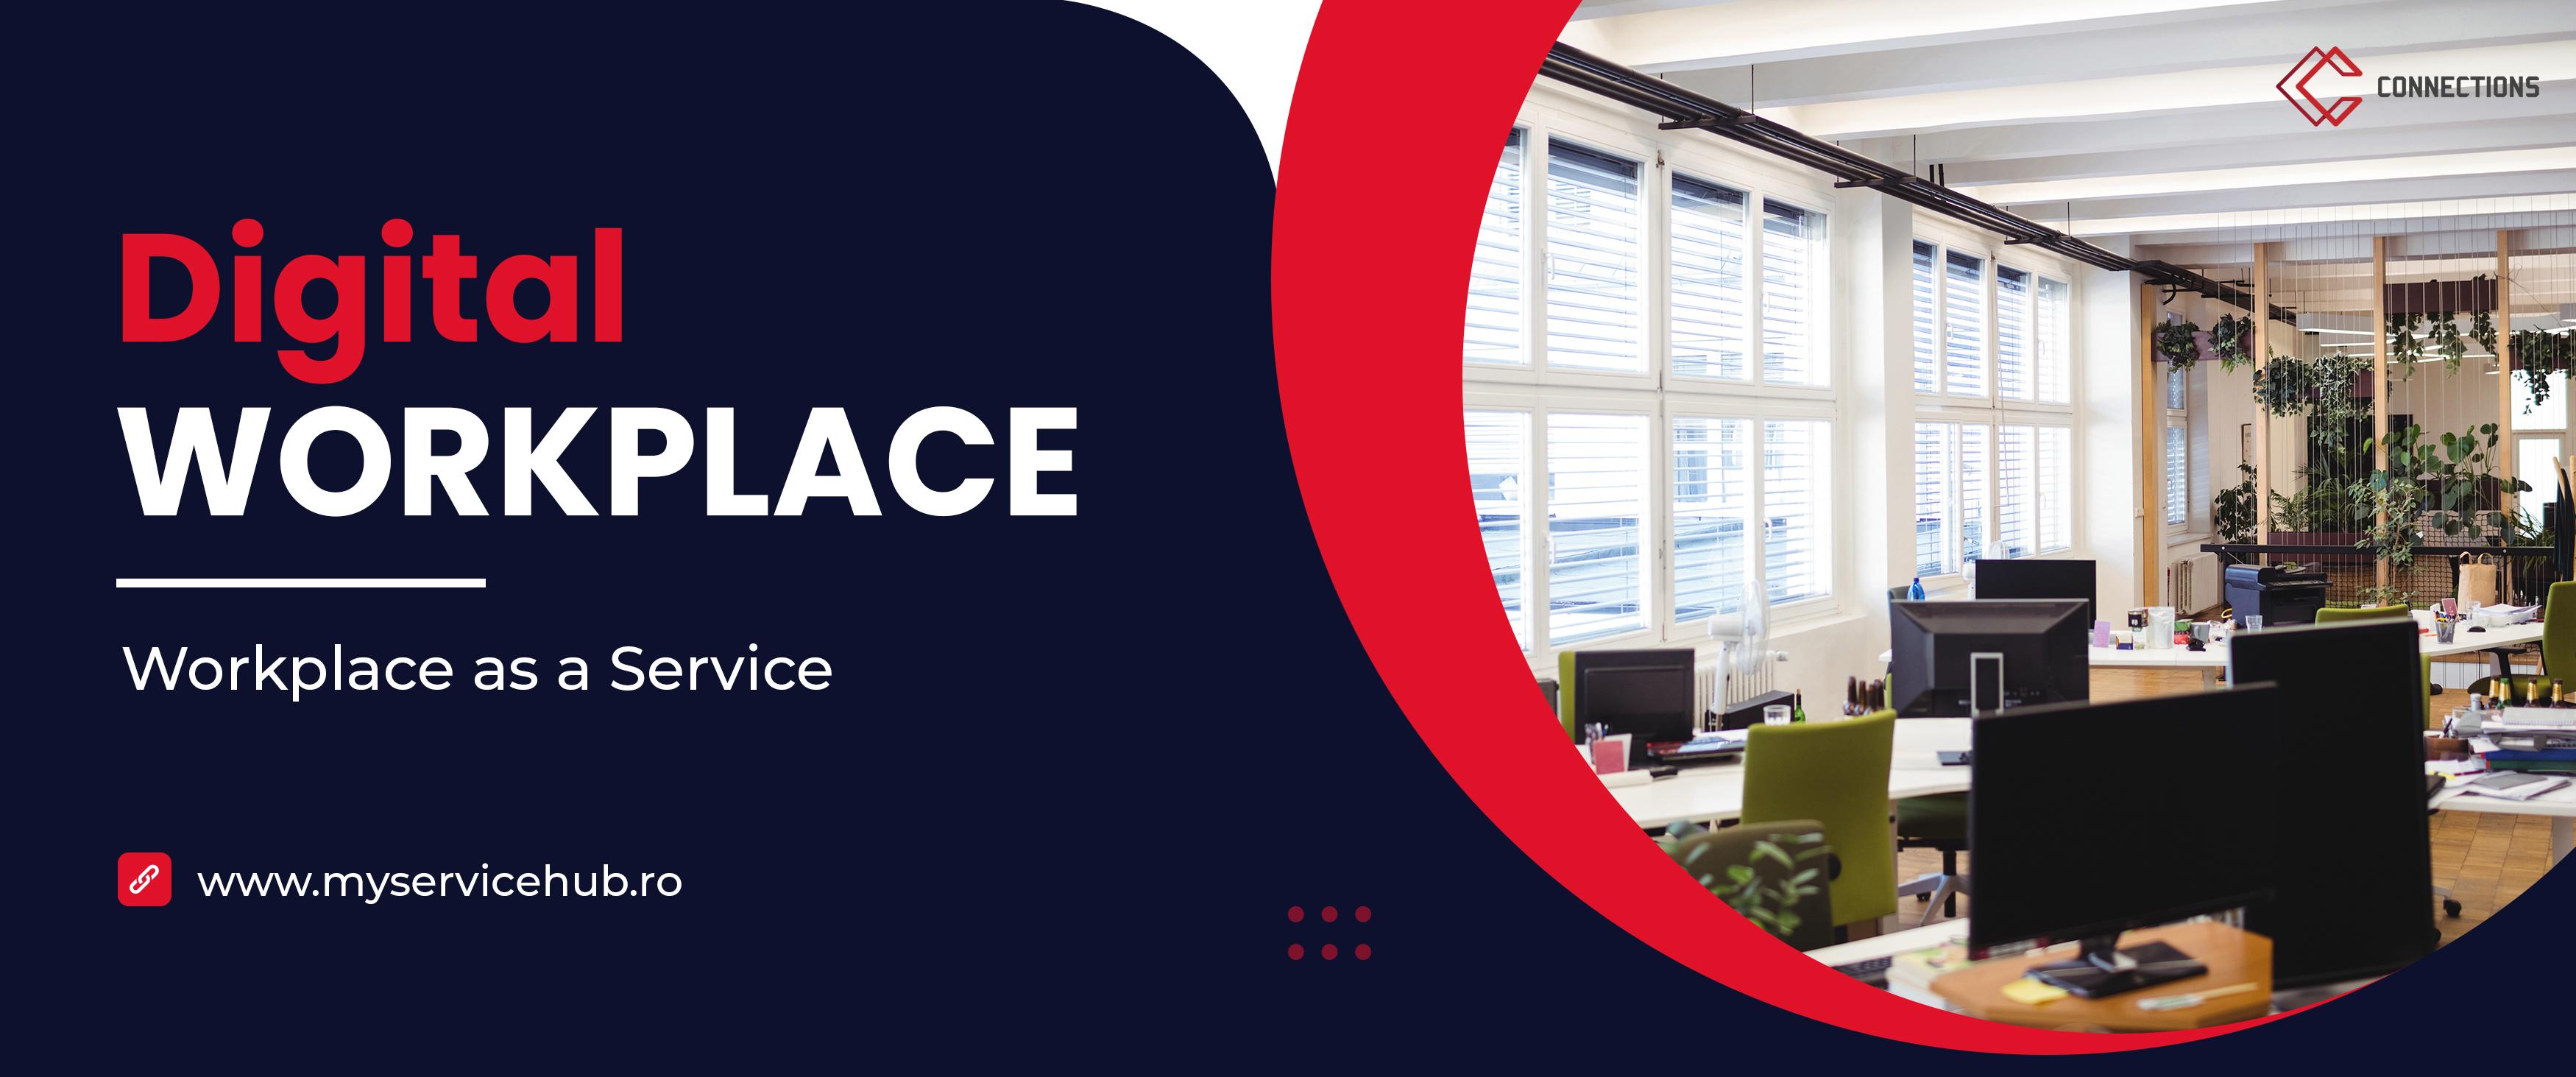 Connections a lansat Digital Workplace – soluția IT all in one pentru companiile din România